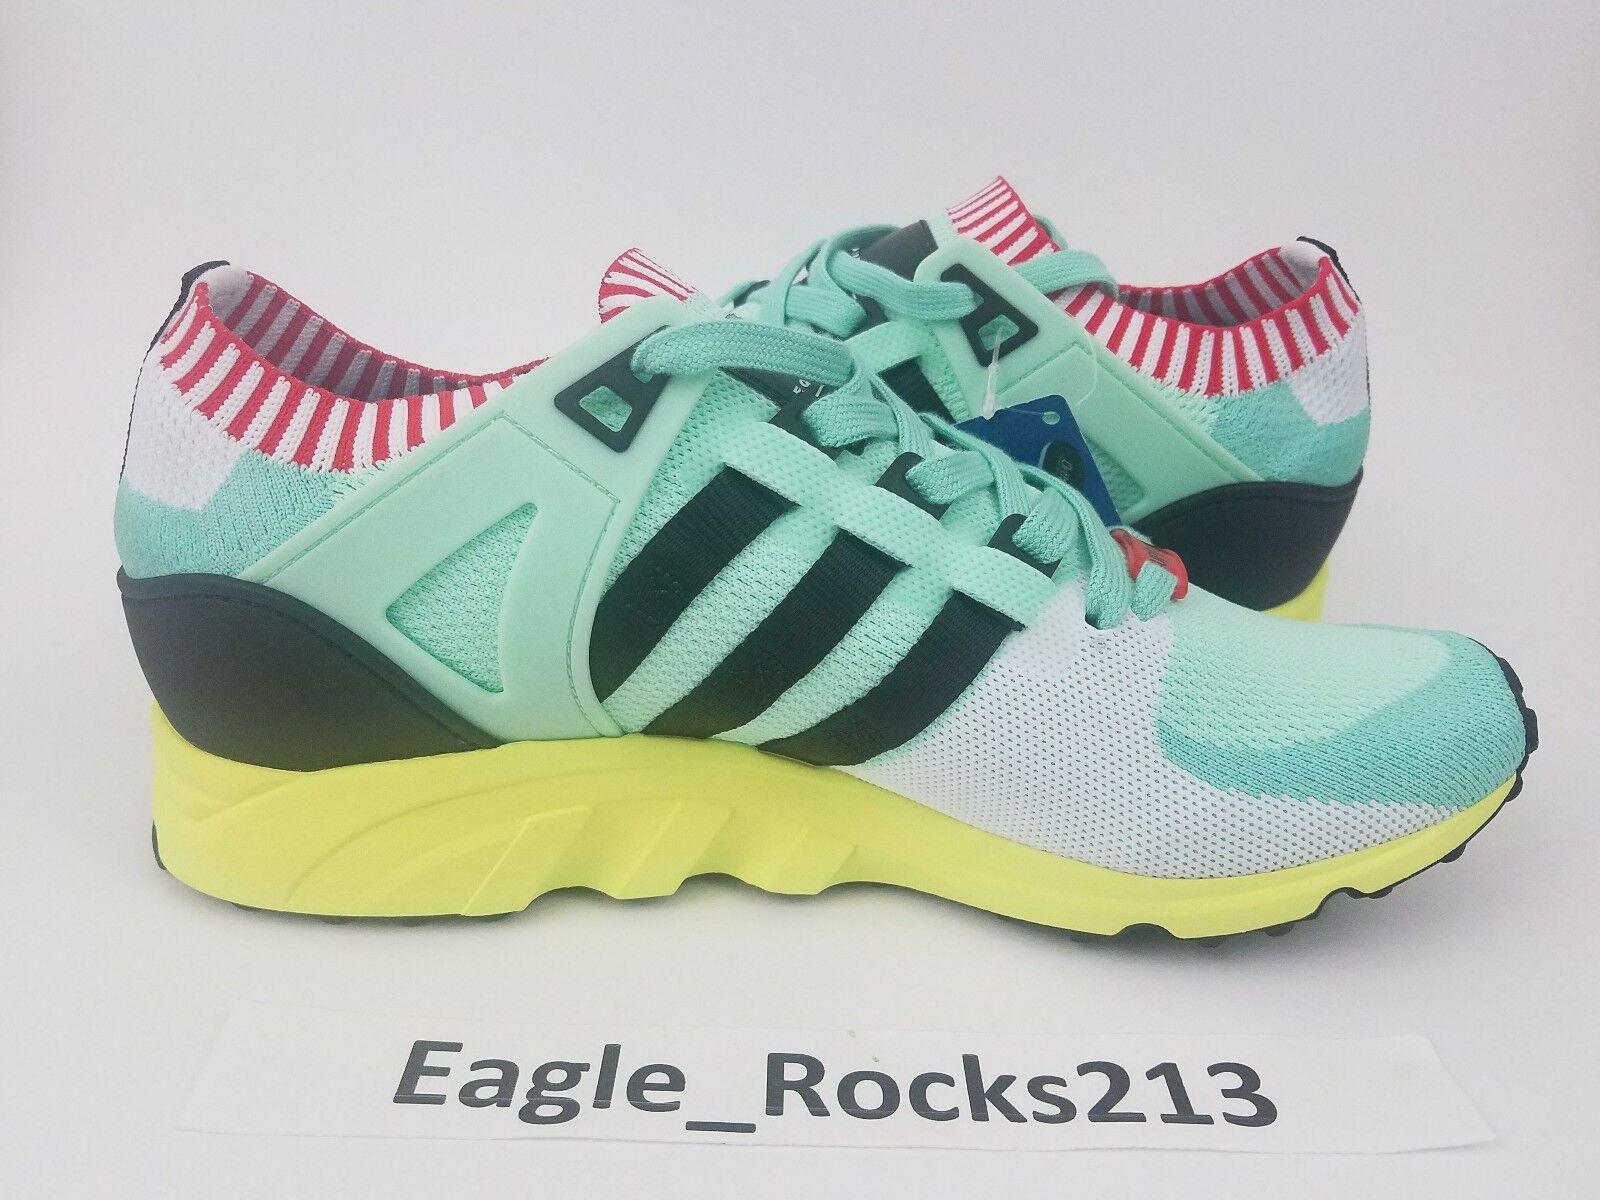 Adidas EQT Support 93 PK Running Shoes Mens Sz 9 Frozen Green BA7506 NEW